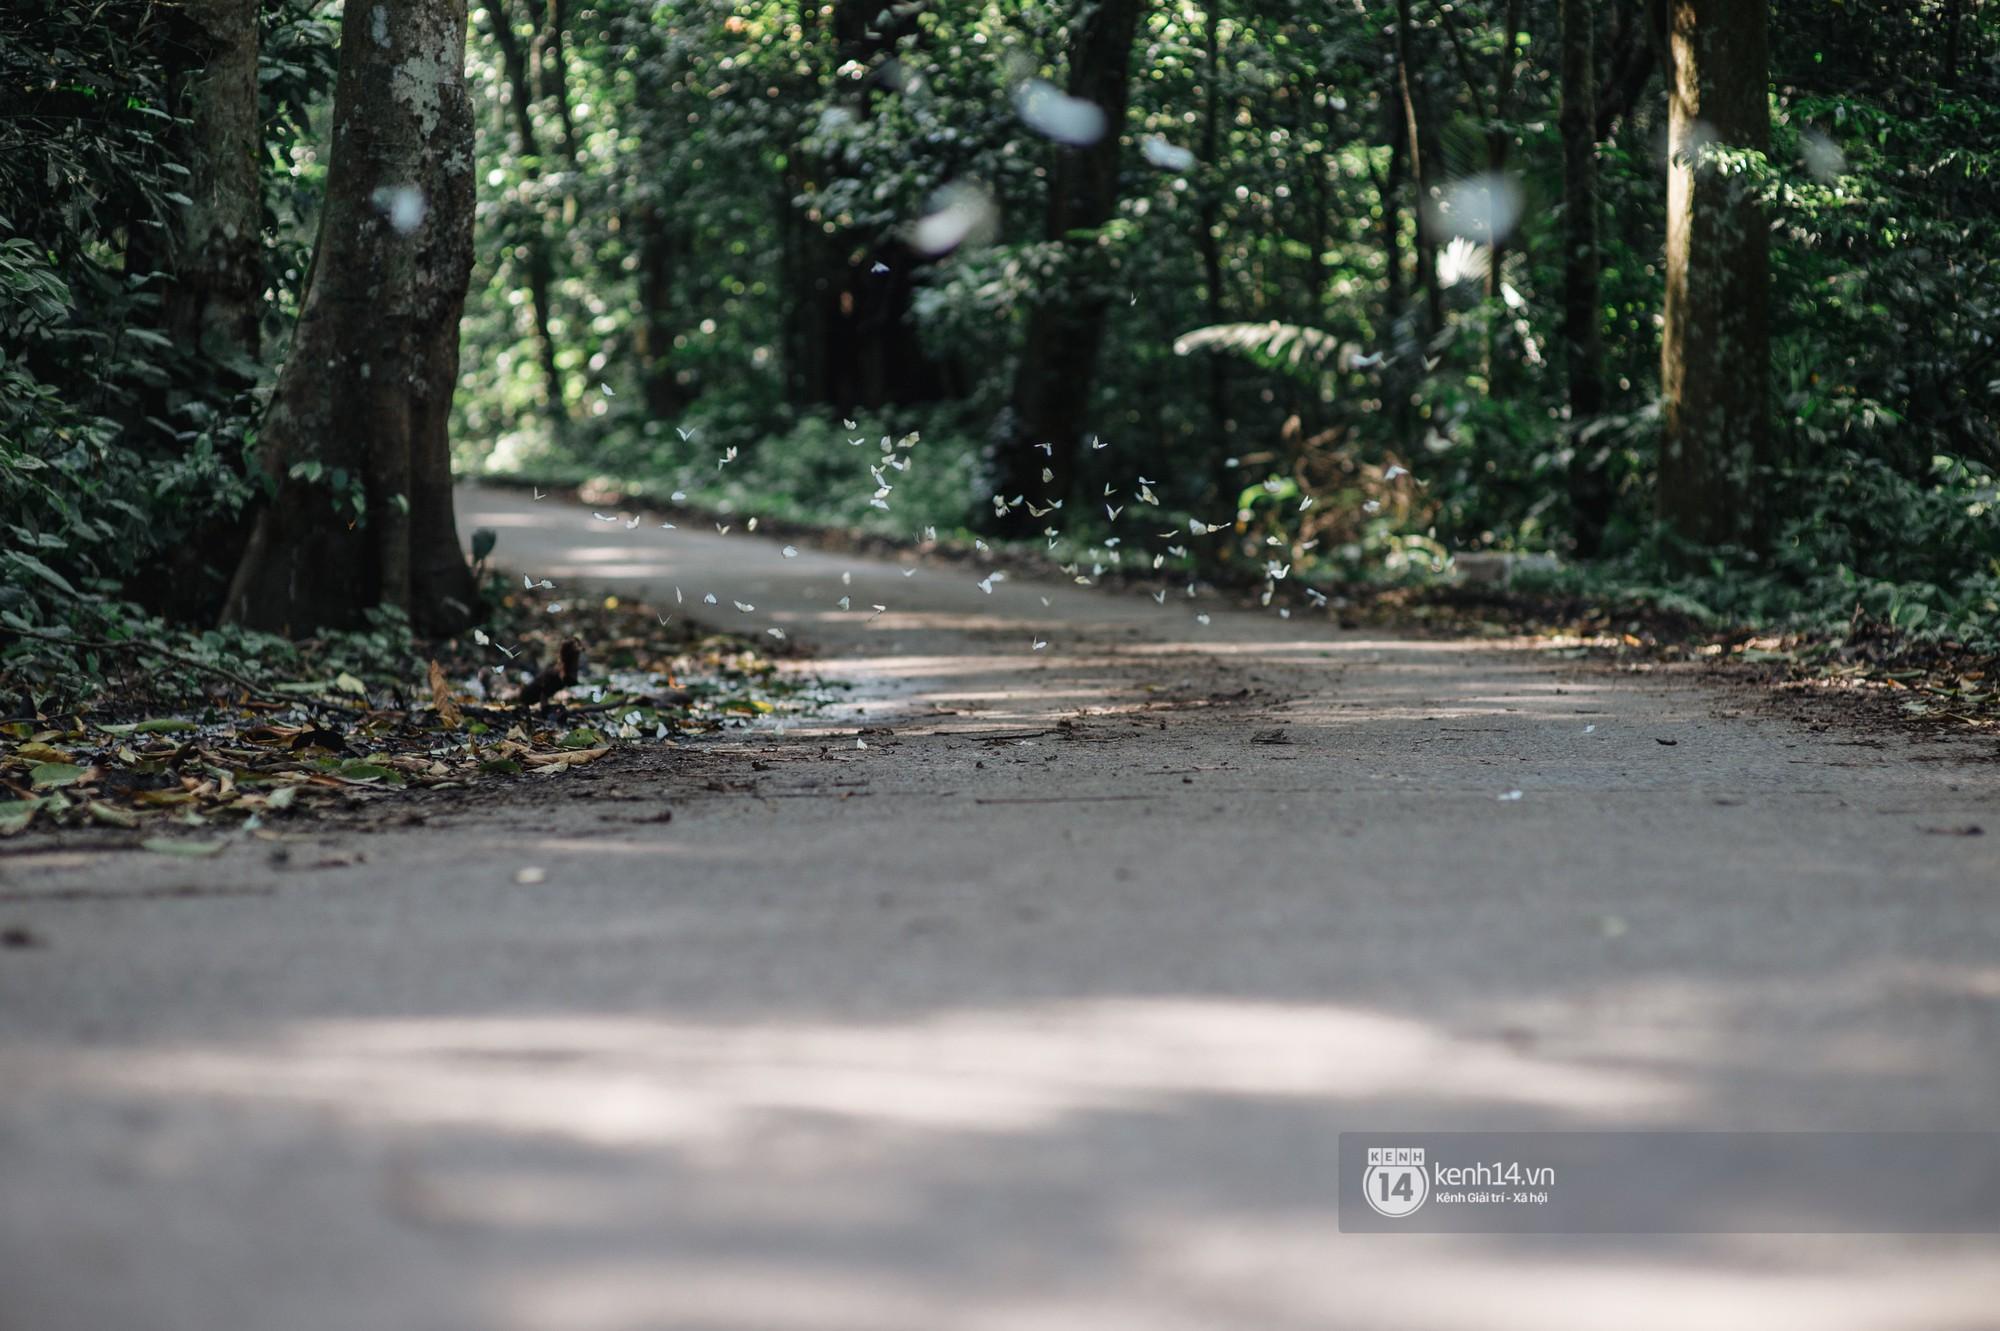 Chuyến đi Cúc Phương những ngày cuối mùa bướm rừng: Chốn thần tiên có vẻ đẹp riêng của sự muộn màng - Ảnh 3.